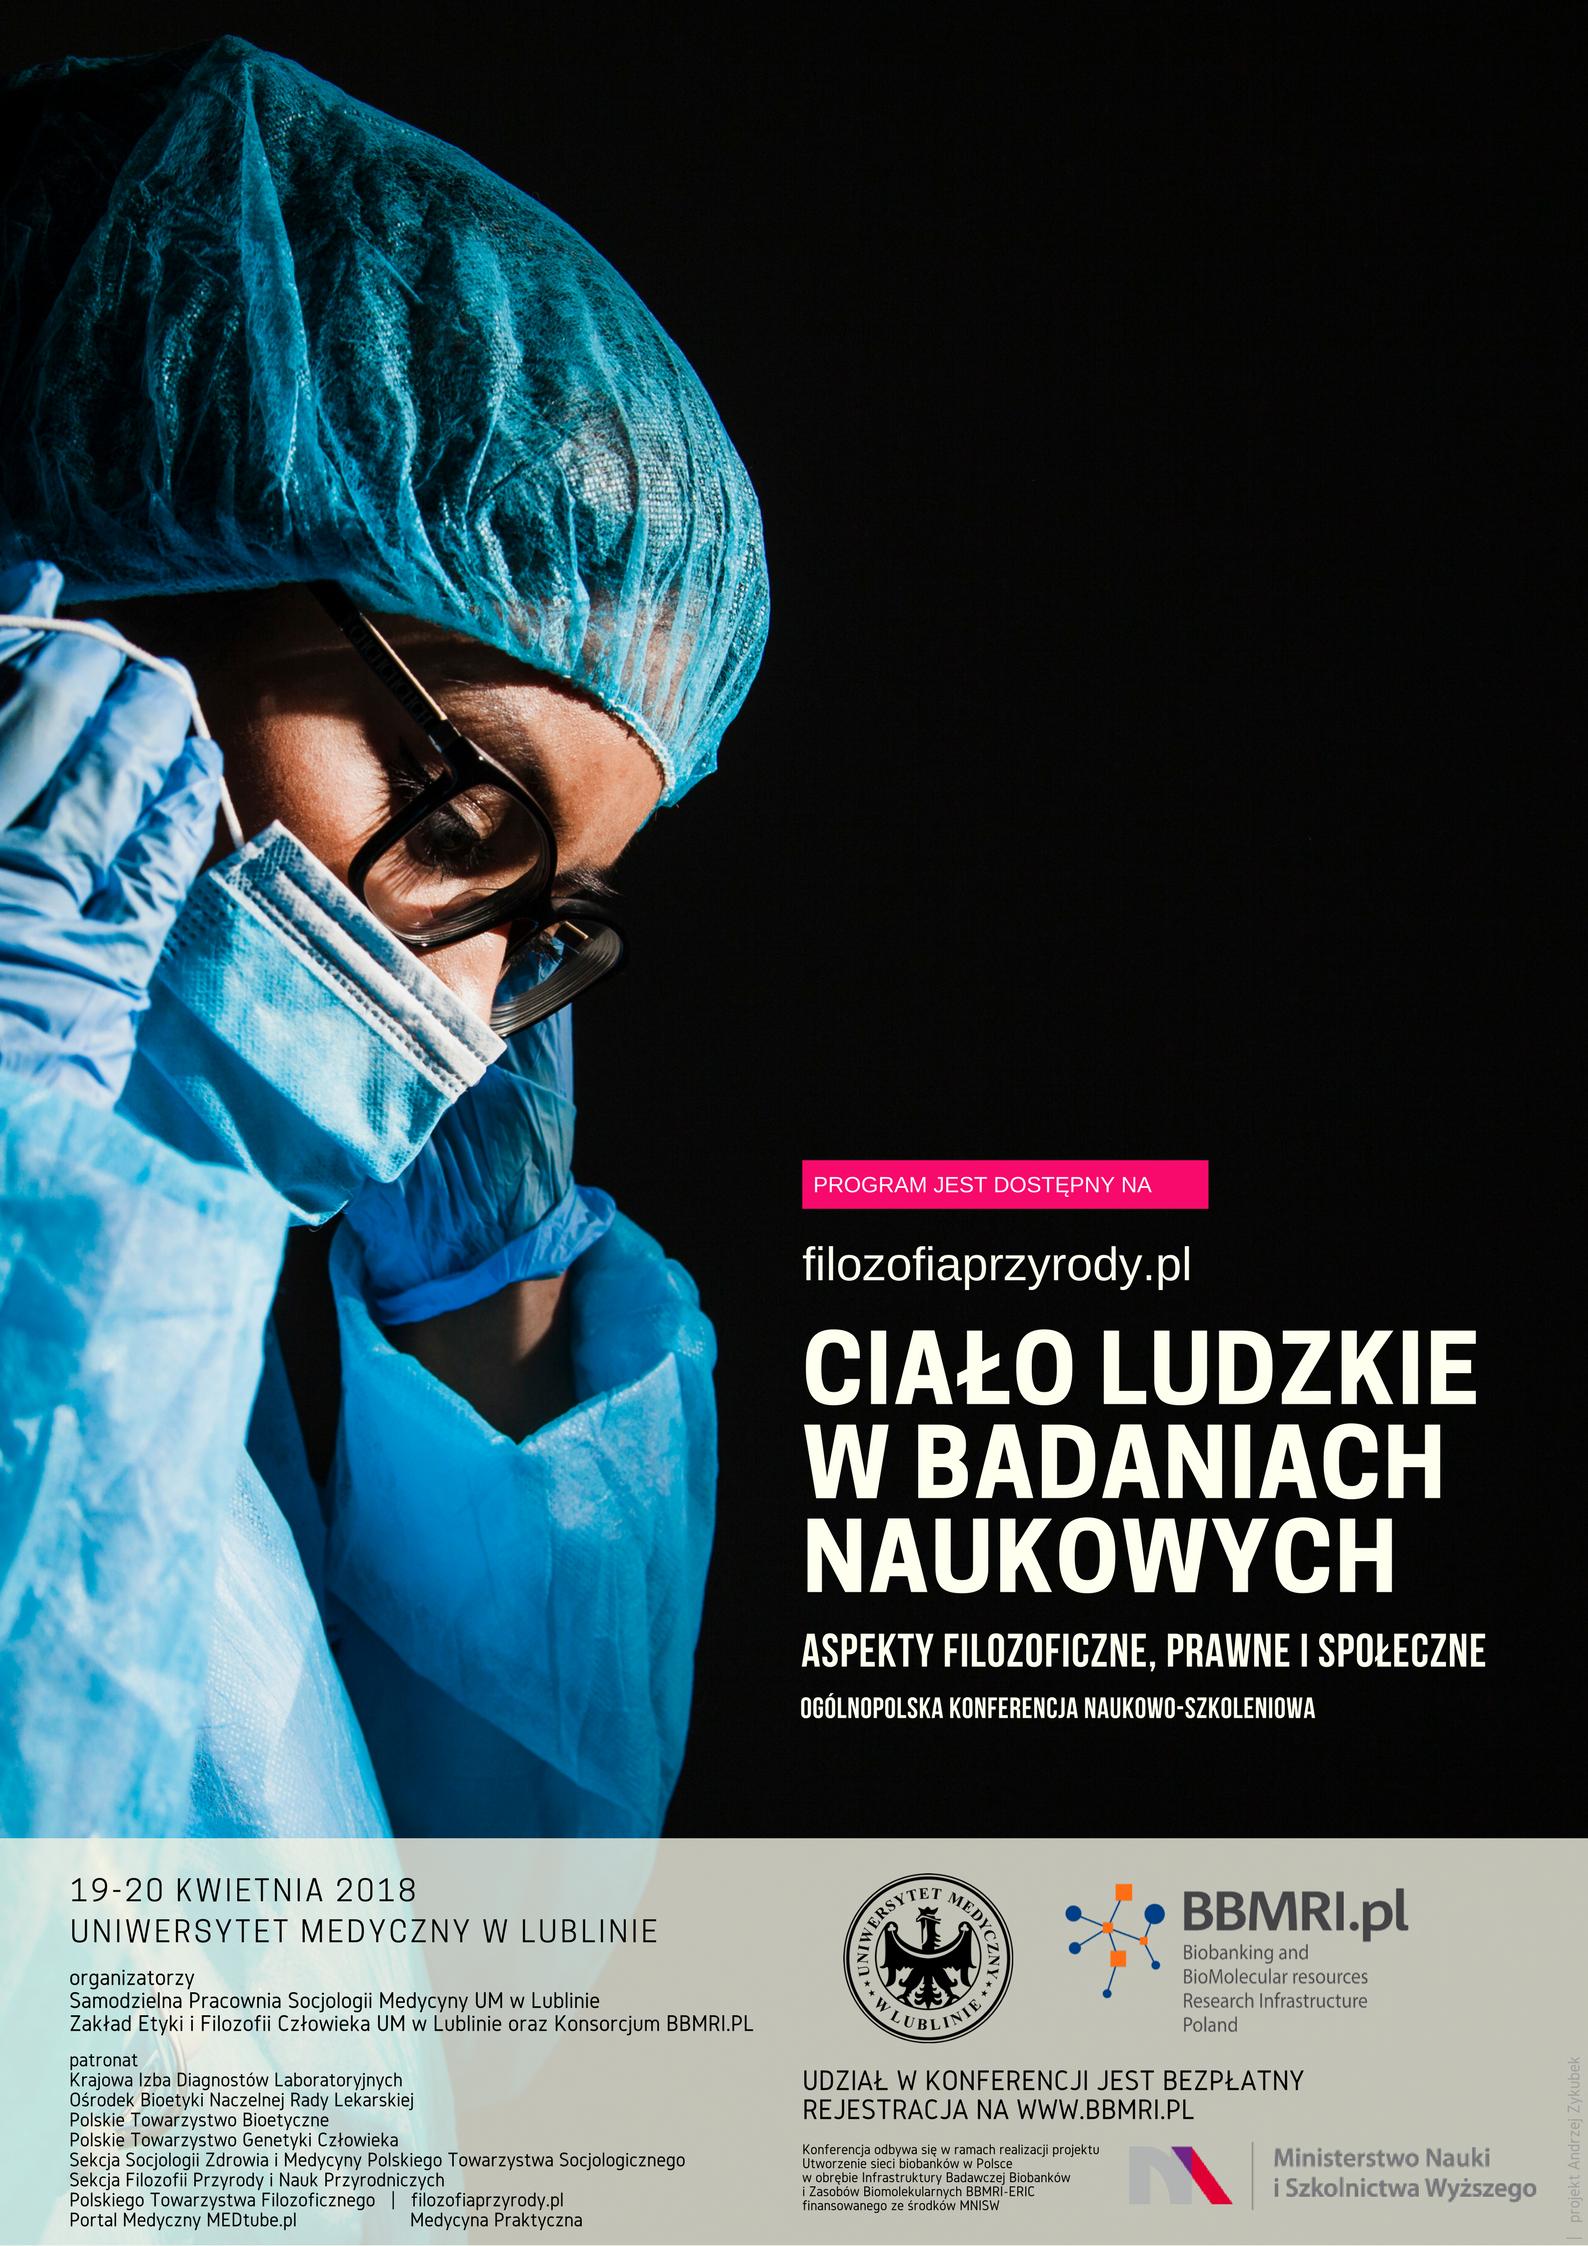 Ciało ludzkie wbadaniach naukowych - aspekty filozoficzne, prawne ispołeczne. Program